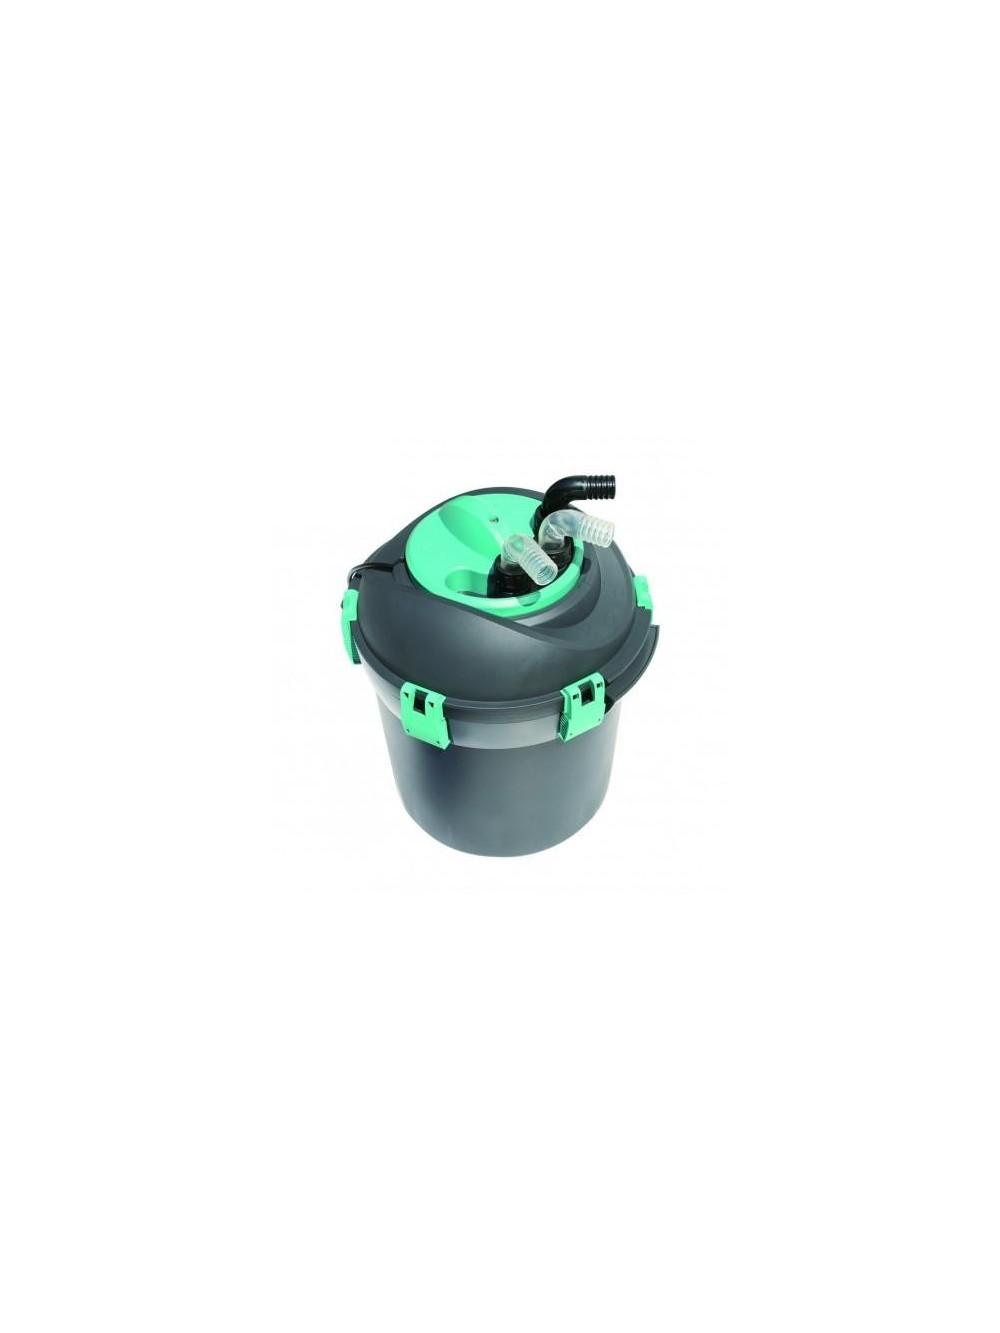 Newa prexo advance 30 uv c filtro a pressione per laghetti for Laghetti termoformati